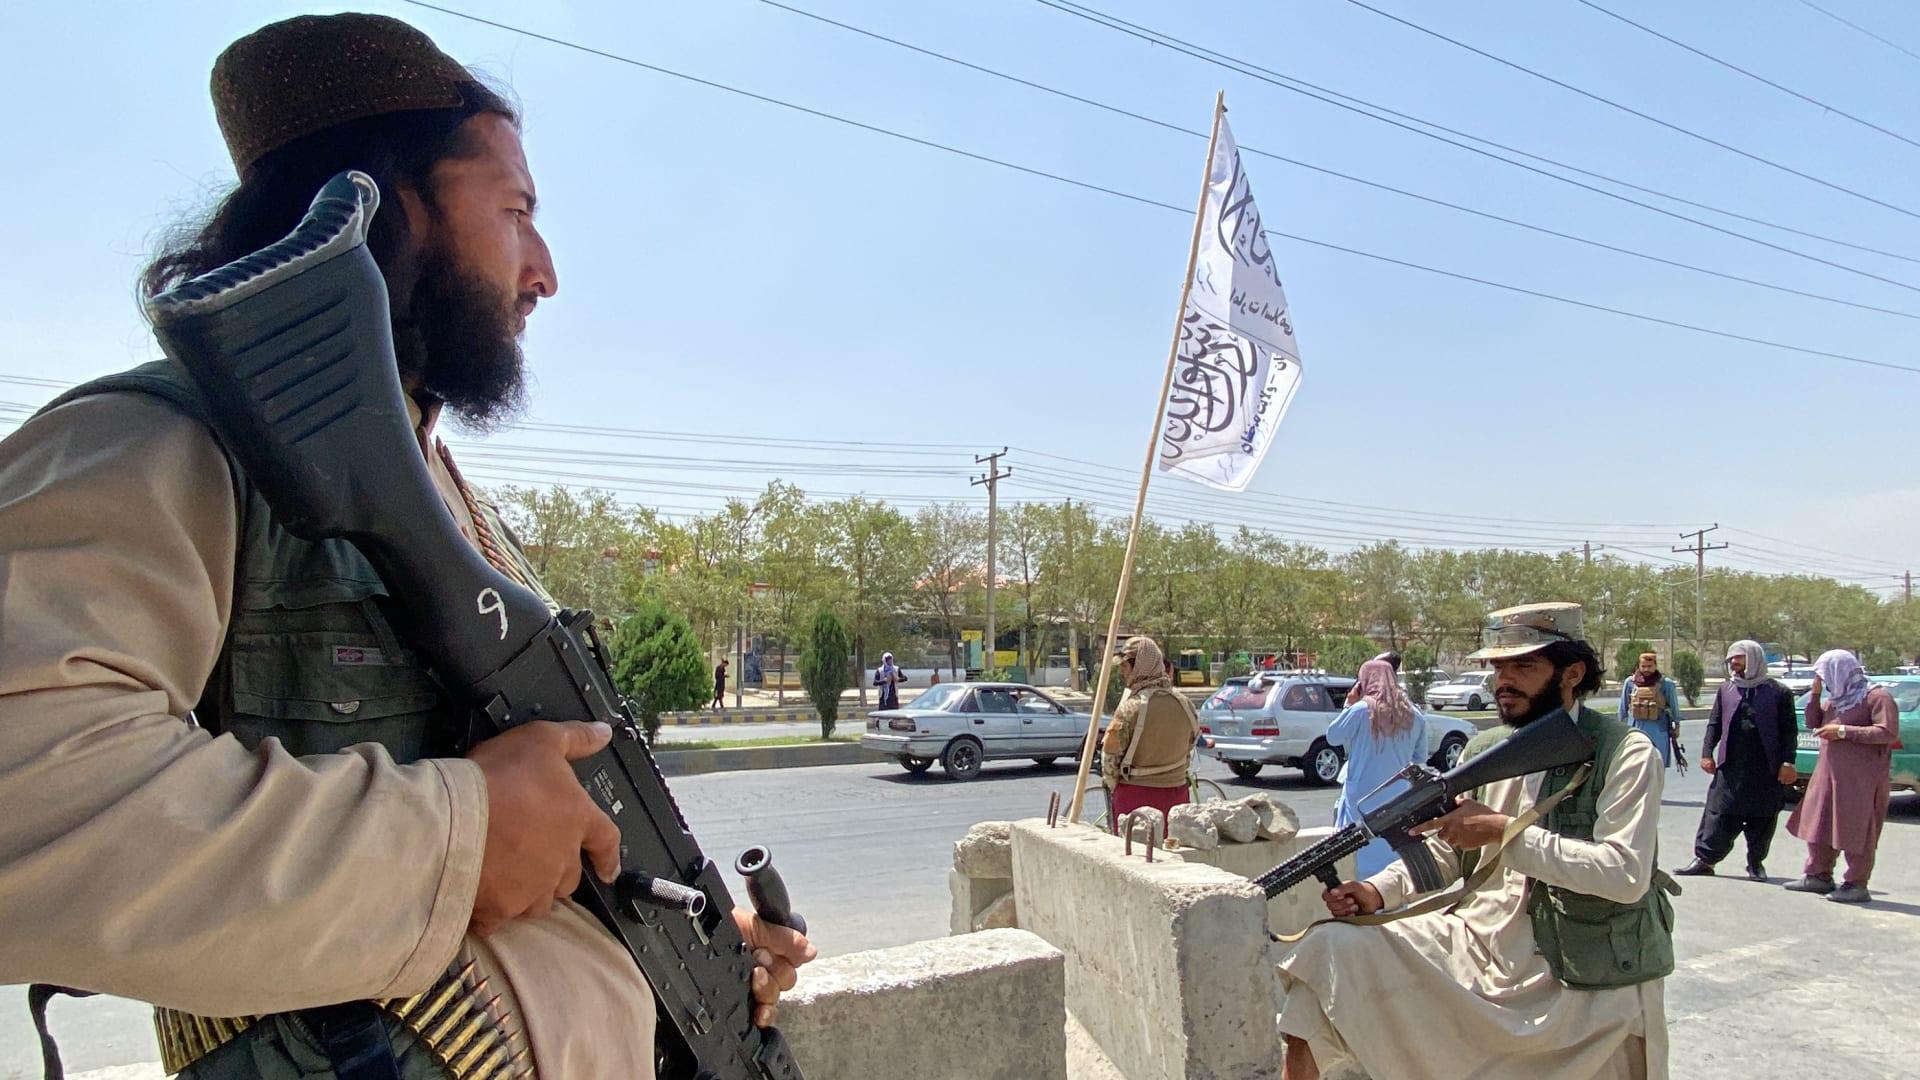 طالبان.. تاريخ الحركة التي عادت إلى حكم أفغانستان من جديد